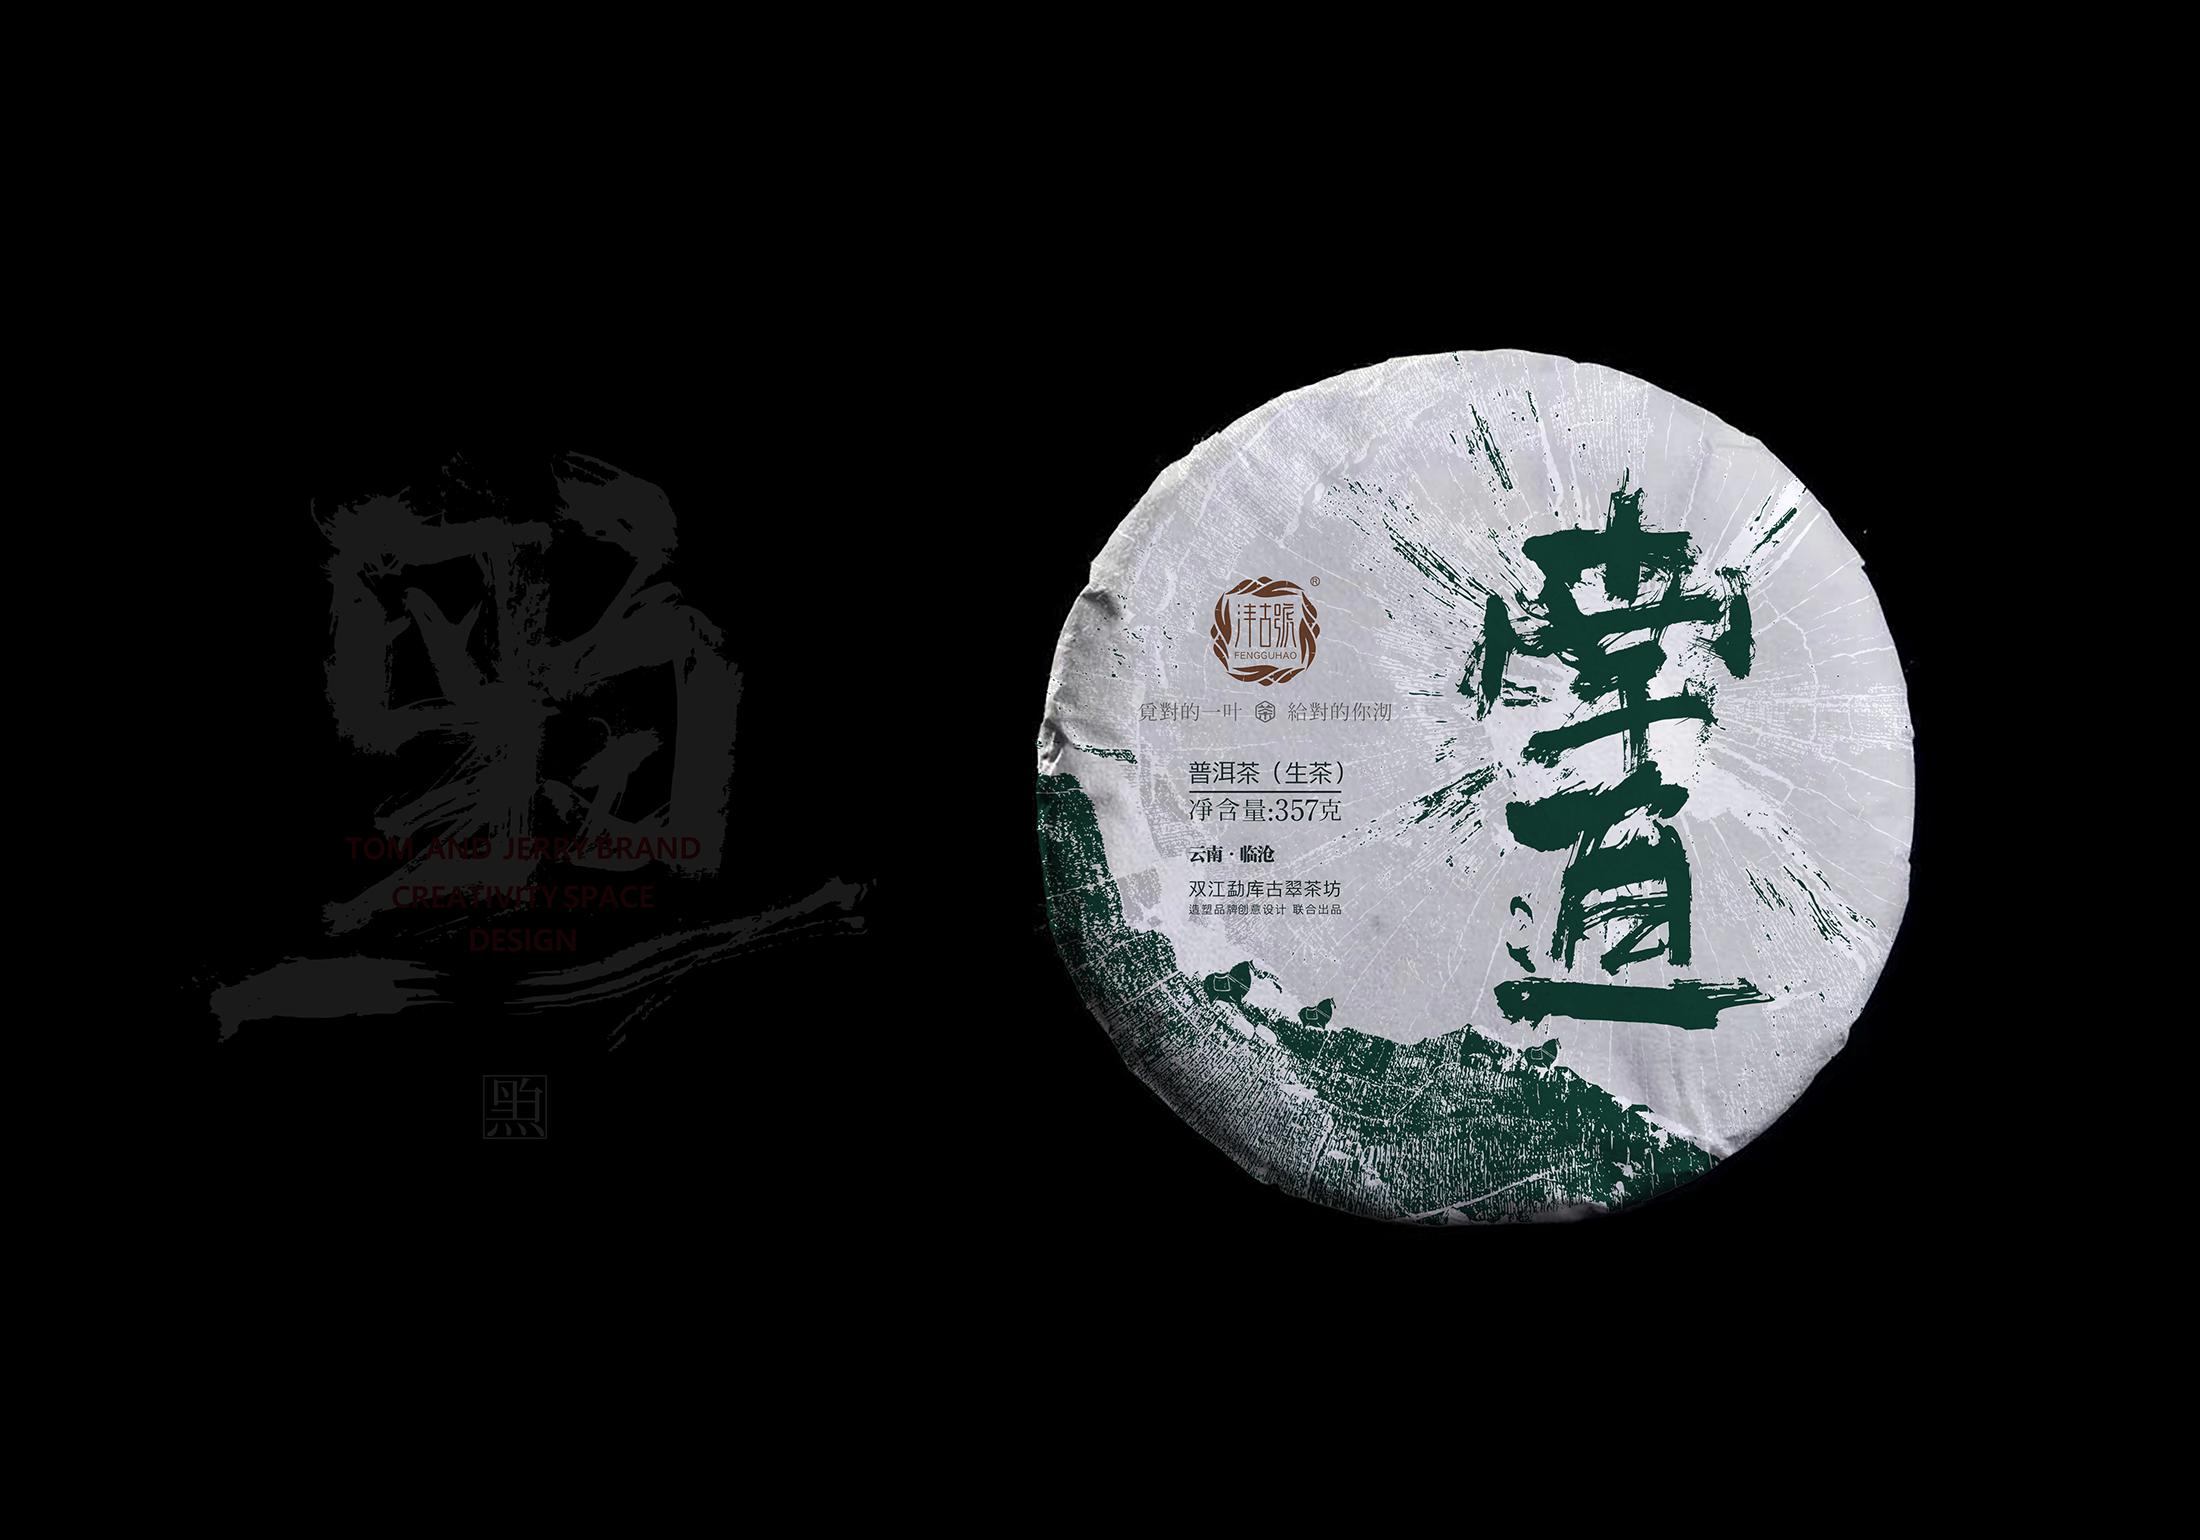 造塑创意X黑白茶策 沣古号冰岛五寨包装设计